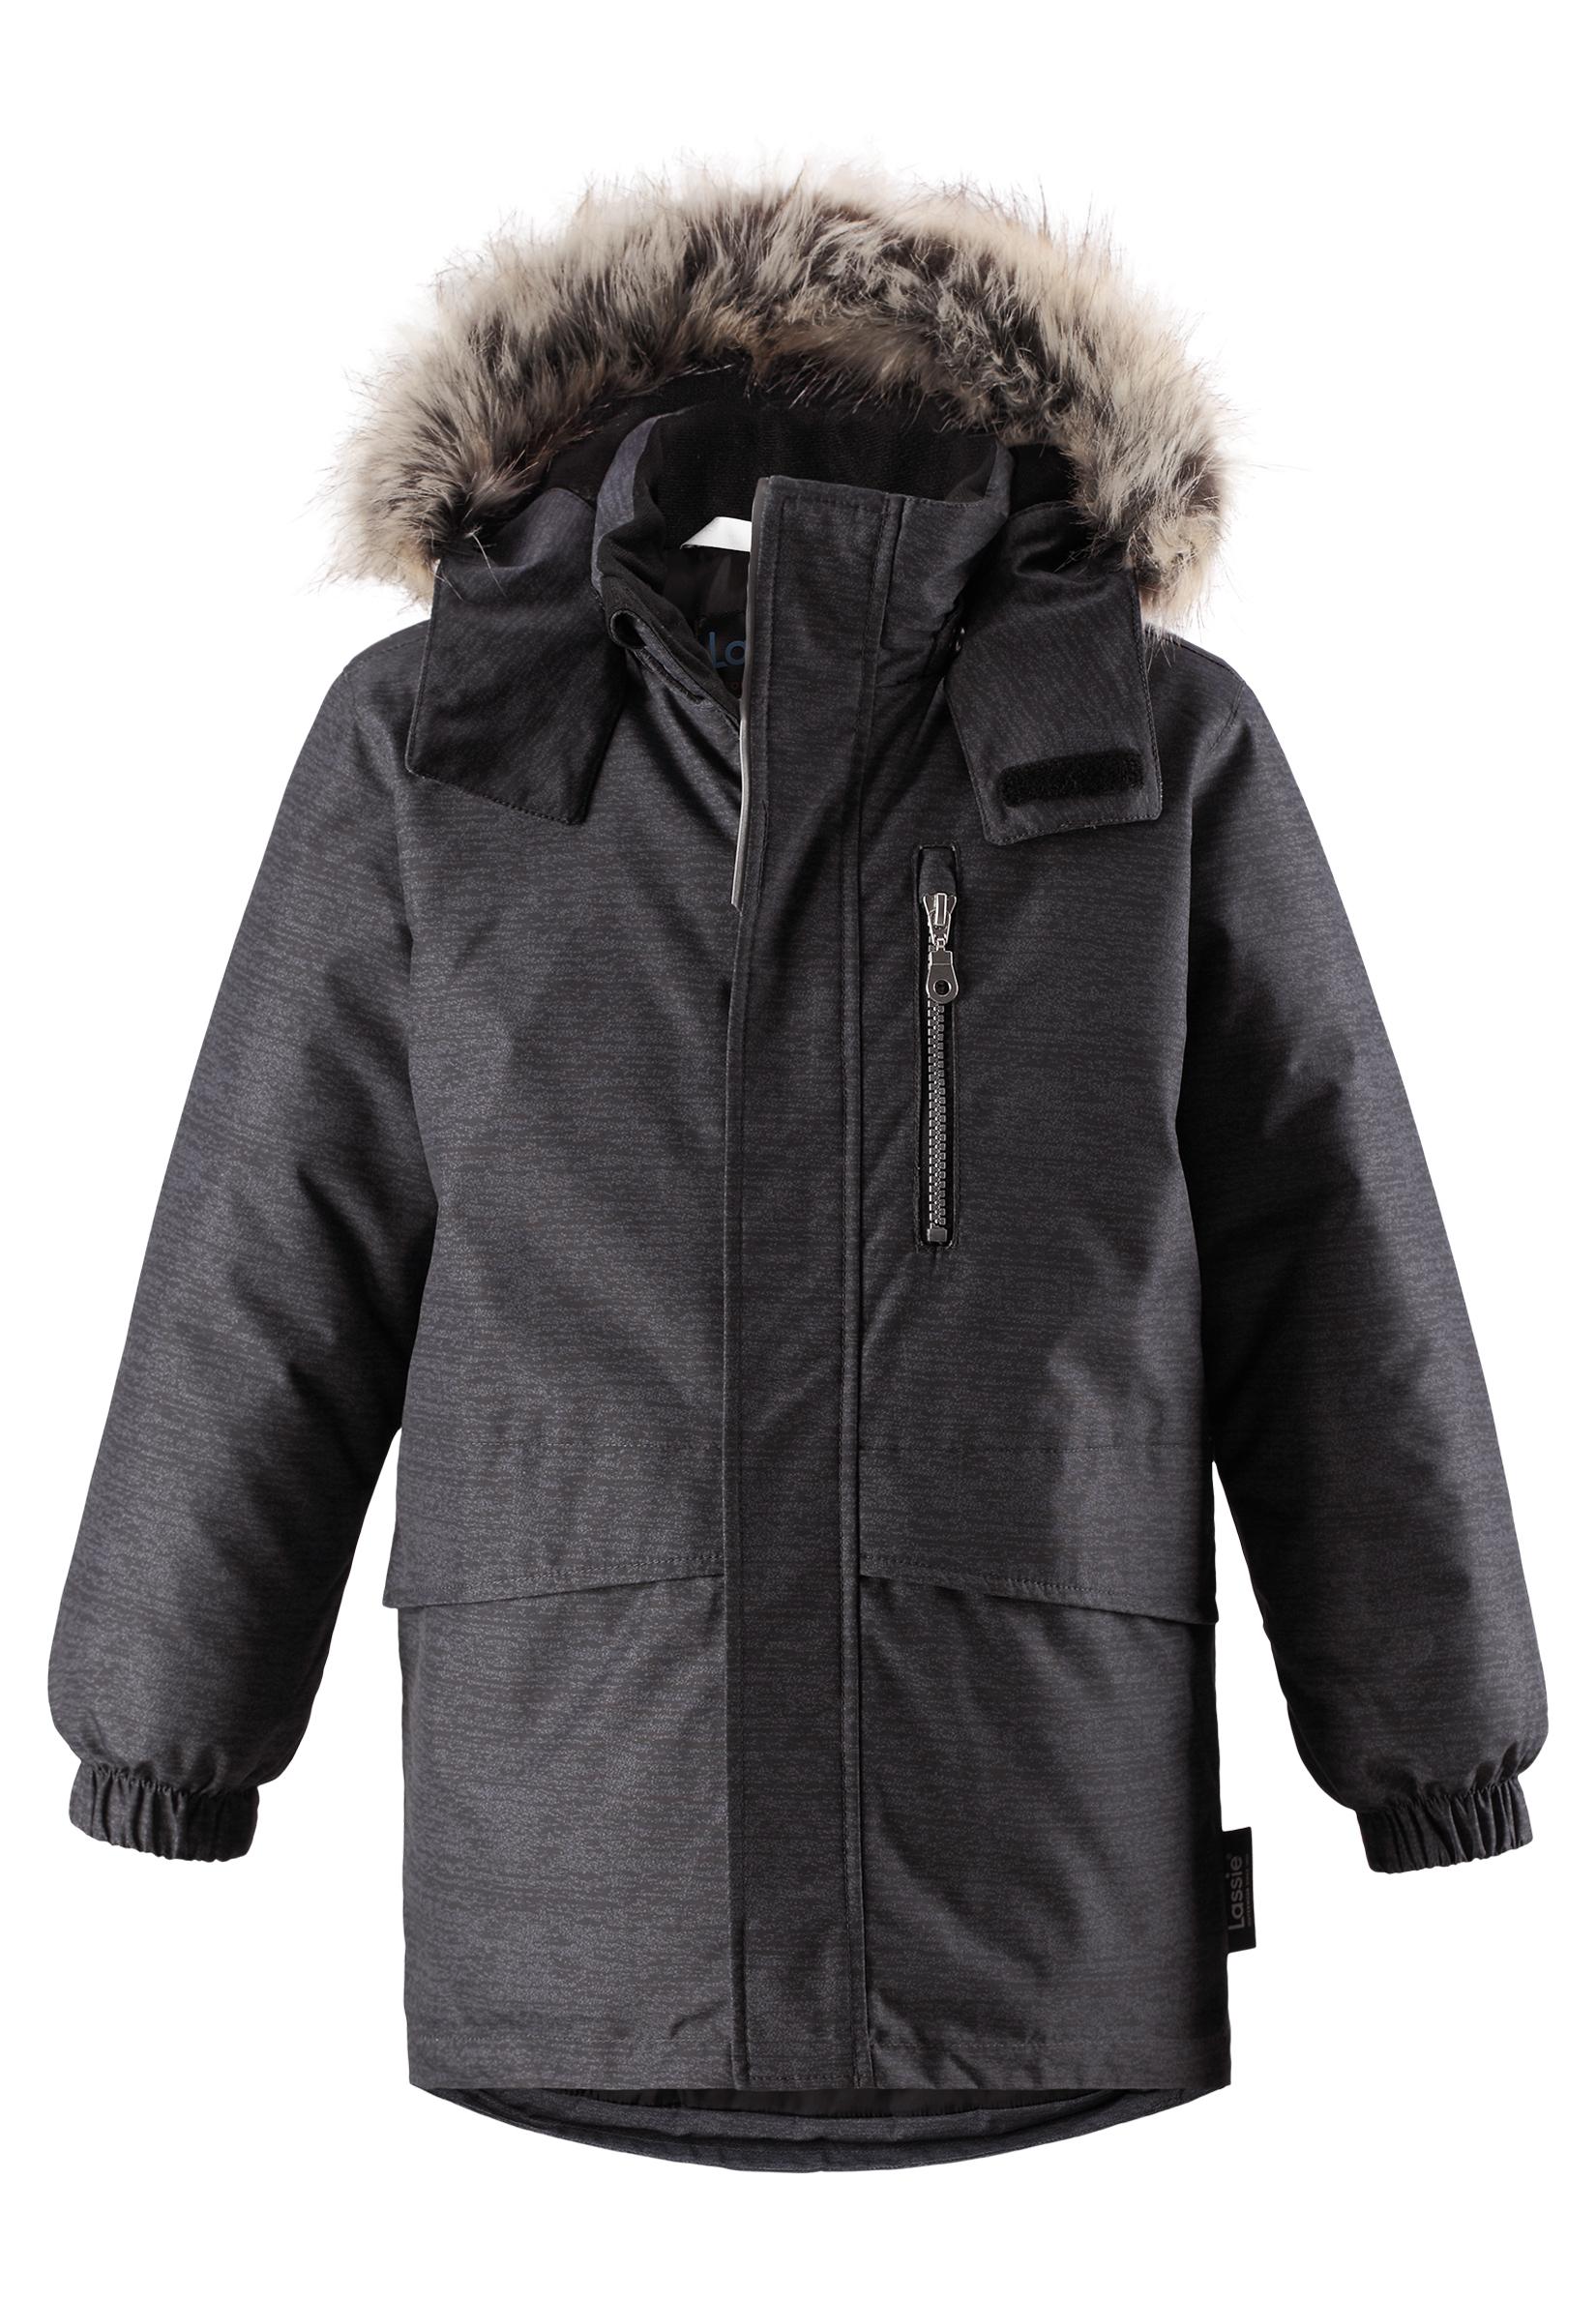 Куртки Lassie Куртка для мальчика Lassie, серая